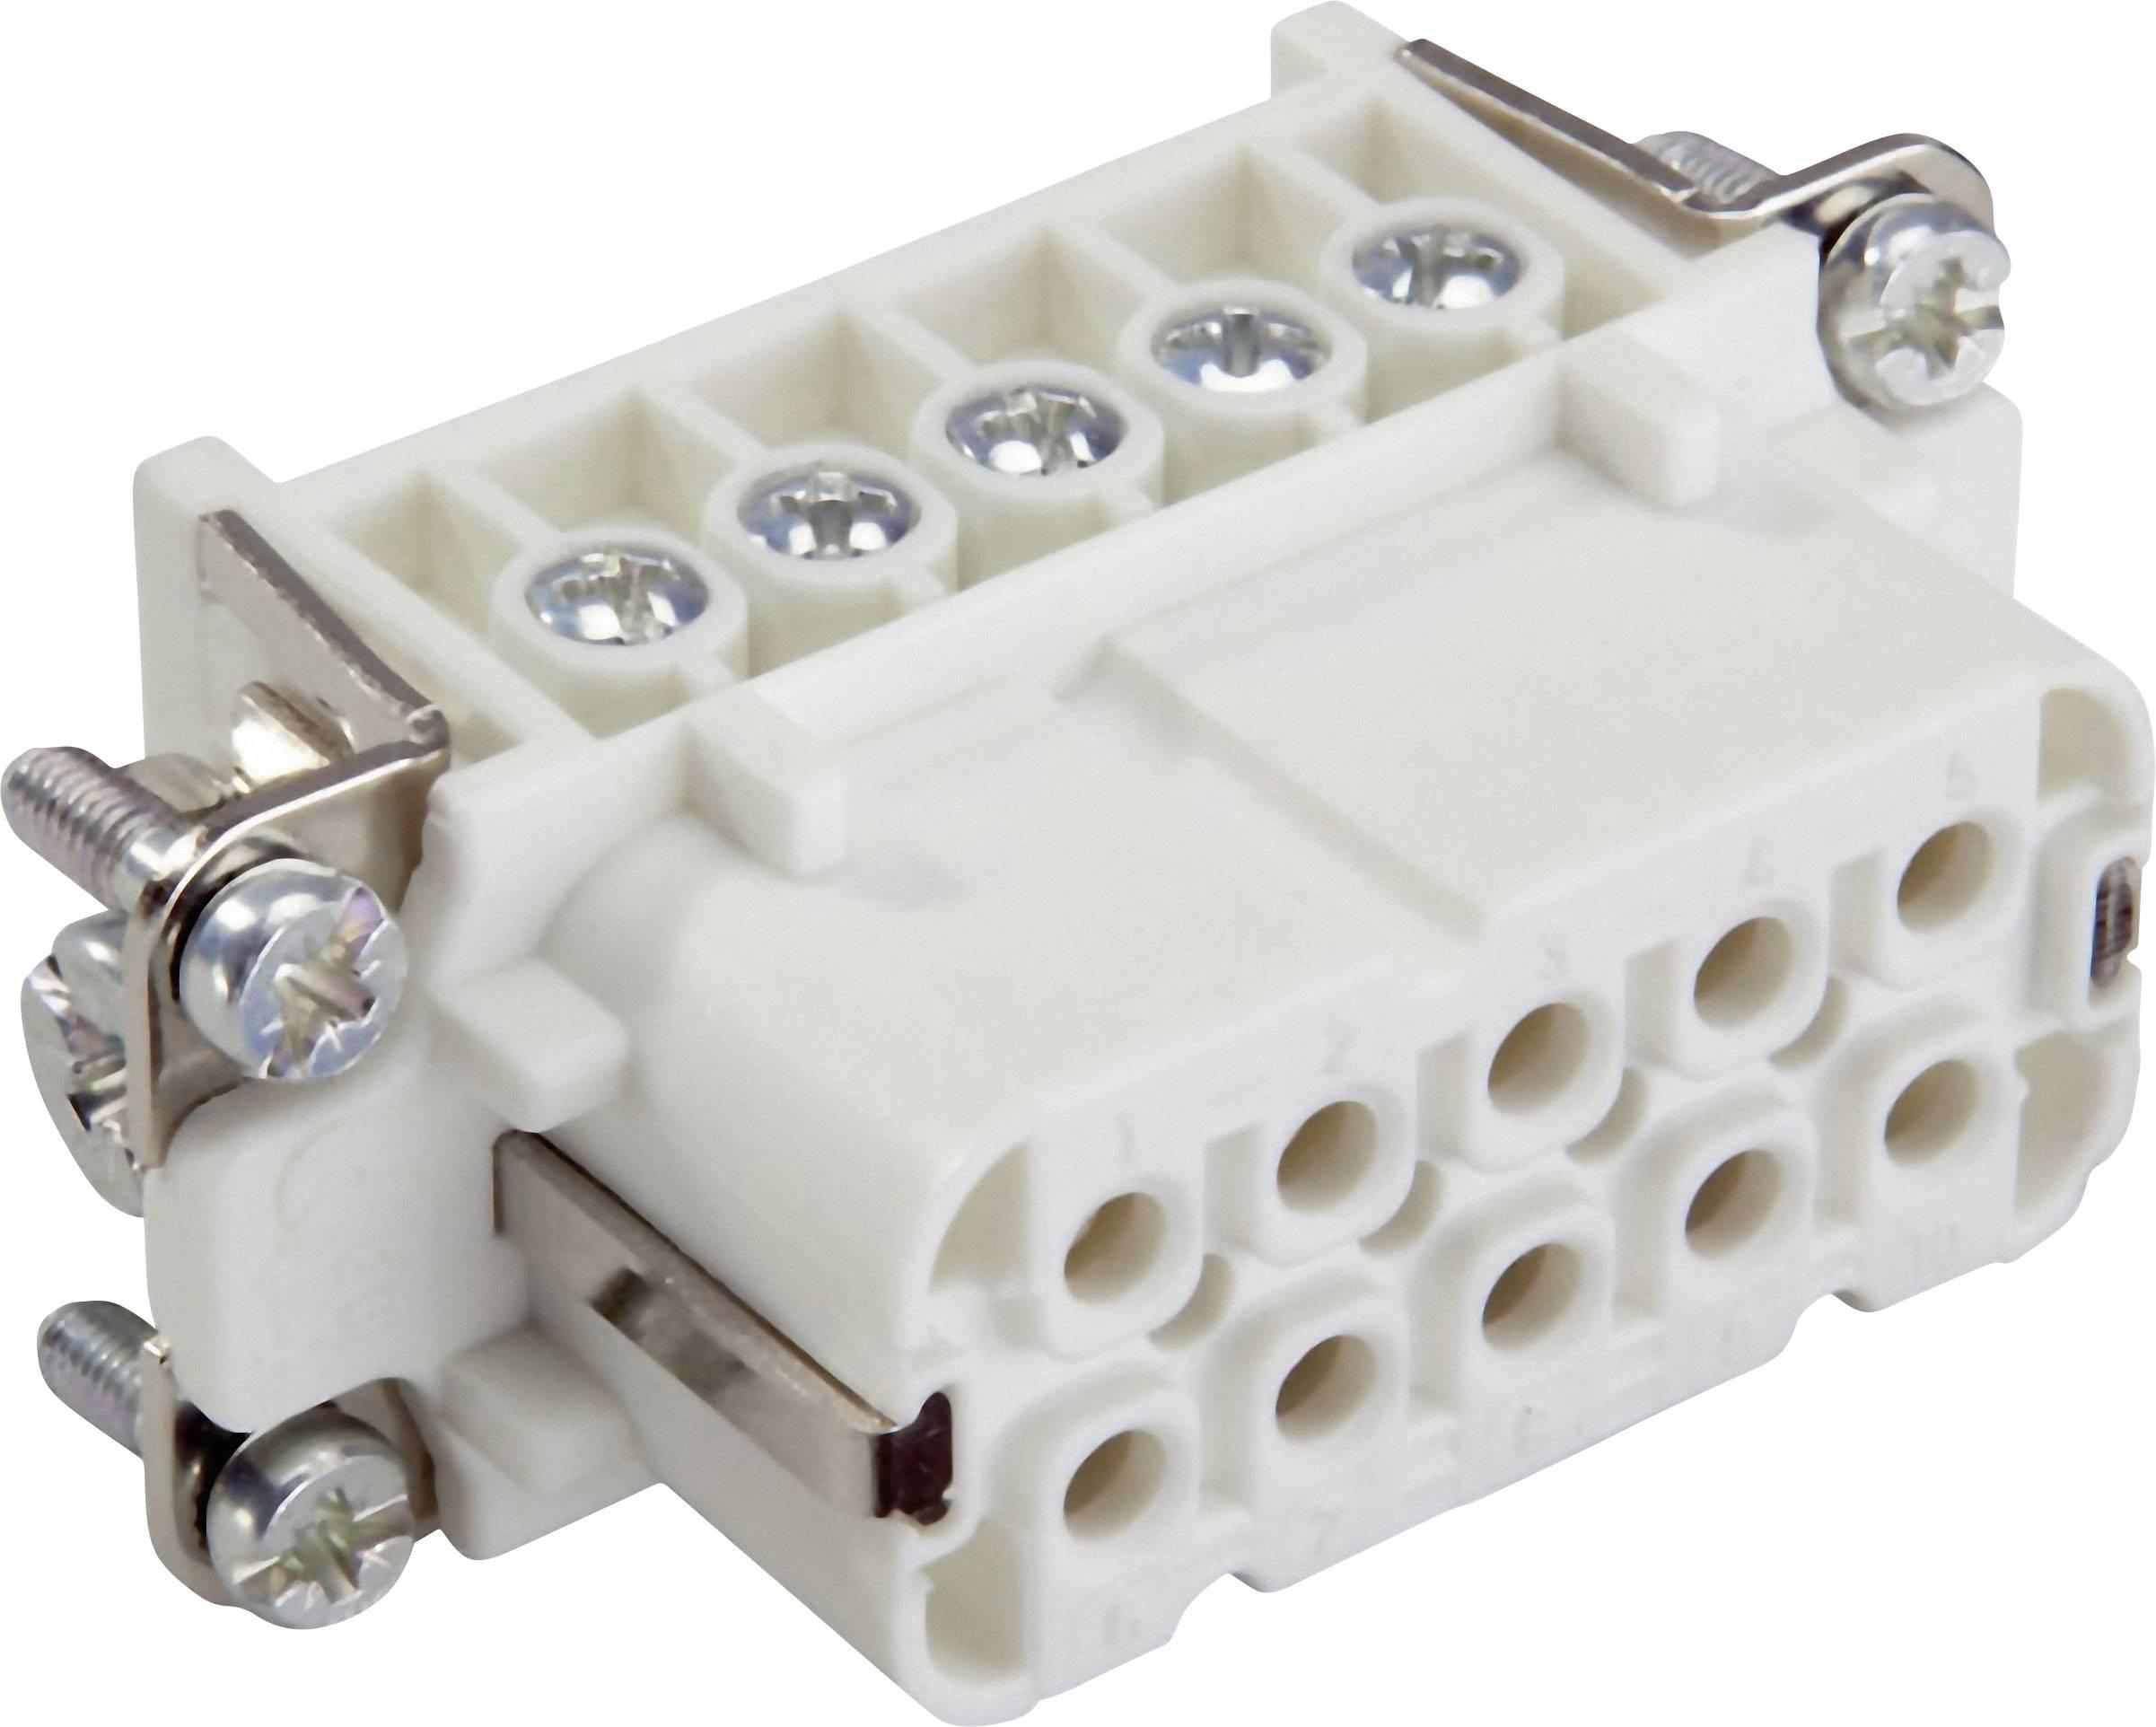 Konektorová vložka, zásuvka EPIC® H-A 10 10441000 LappKabel počet kontaktů 10 + PE 5 ks